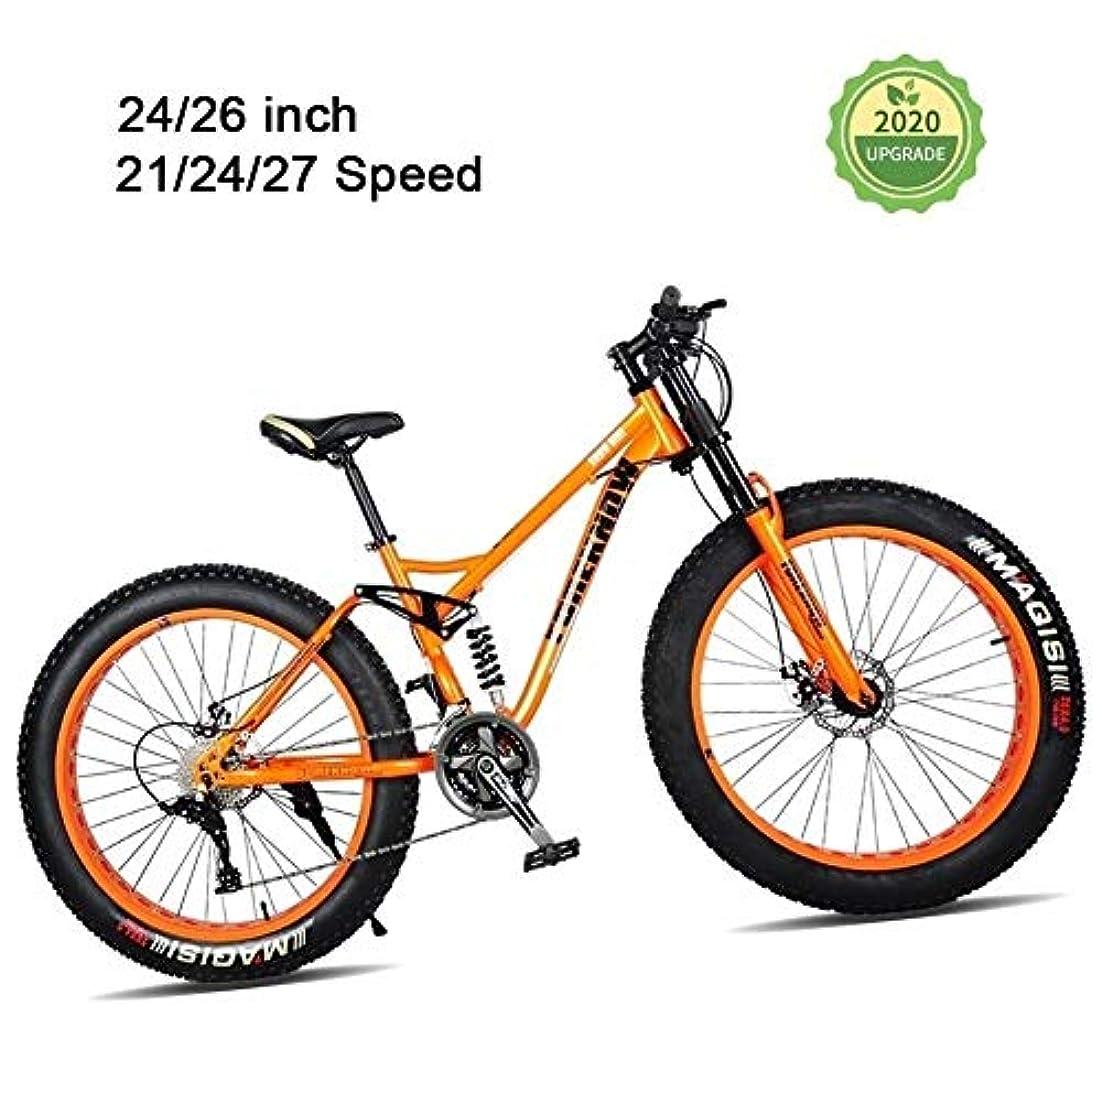 リダクター信号頬ファットタイヤマウンテンバイク衝撃を吸収するフロントフォークと中央のショックアブソーバのためにビーチ、雪、クロスカントリーでは24インチ24スピード自転車エクササイズバイク、フィットネス (Color : Orange, Size : 26 inch)